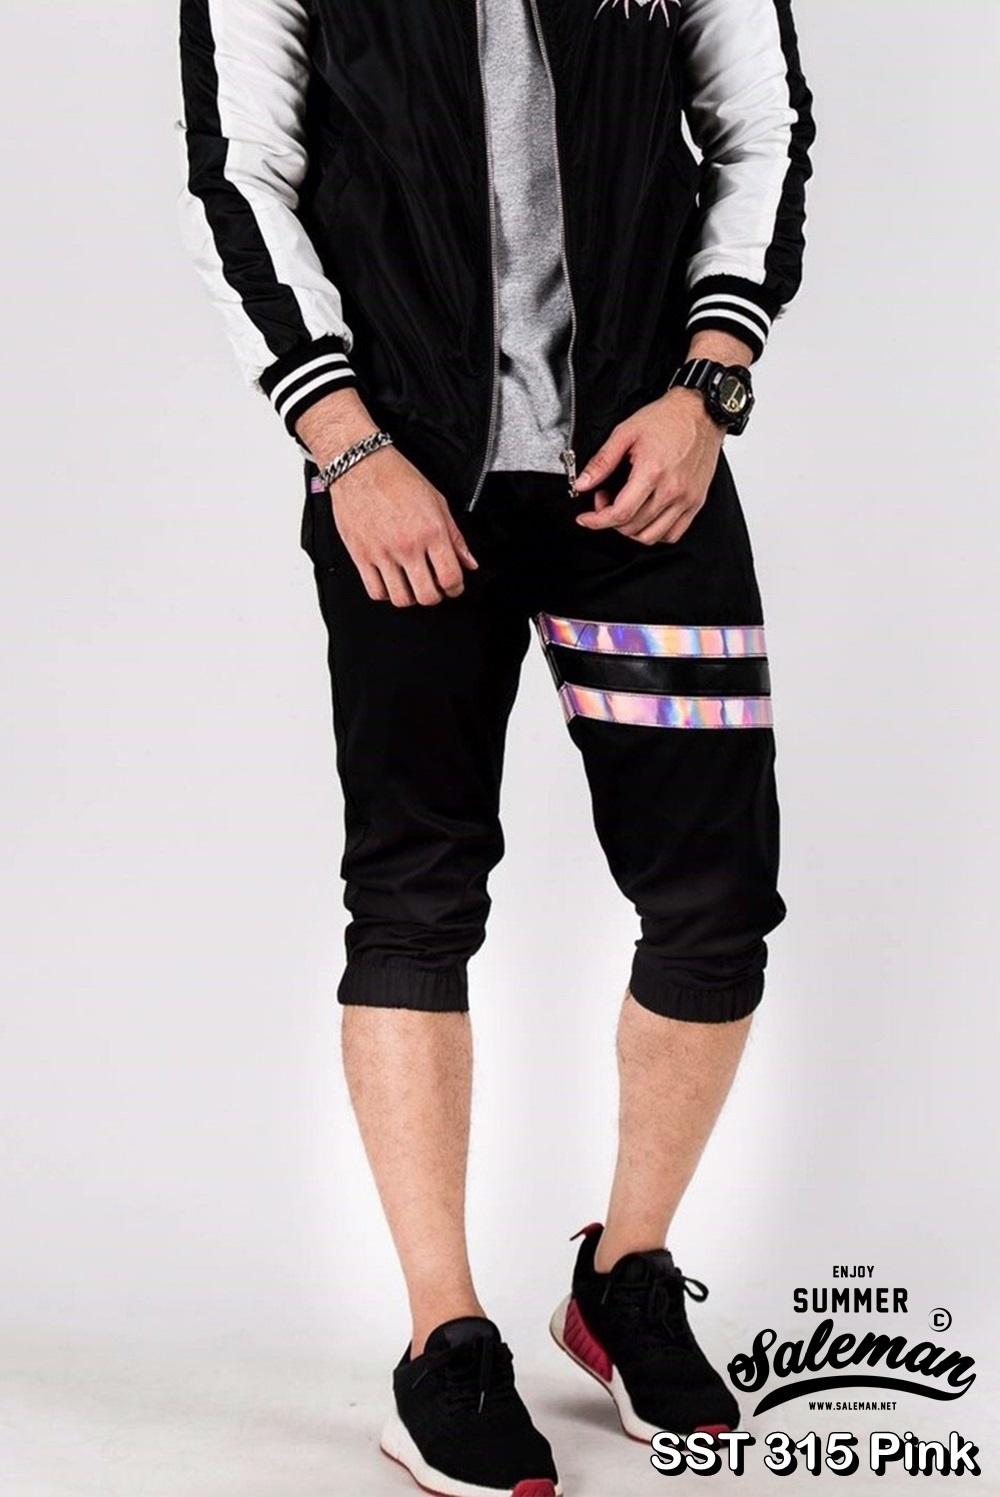 กางเกงสามส่วน พรีเมี่ยม ผ้า COTTON รหัส SST 315 Pink สีดำ แถบชมพู SUMMER SALE